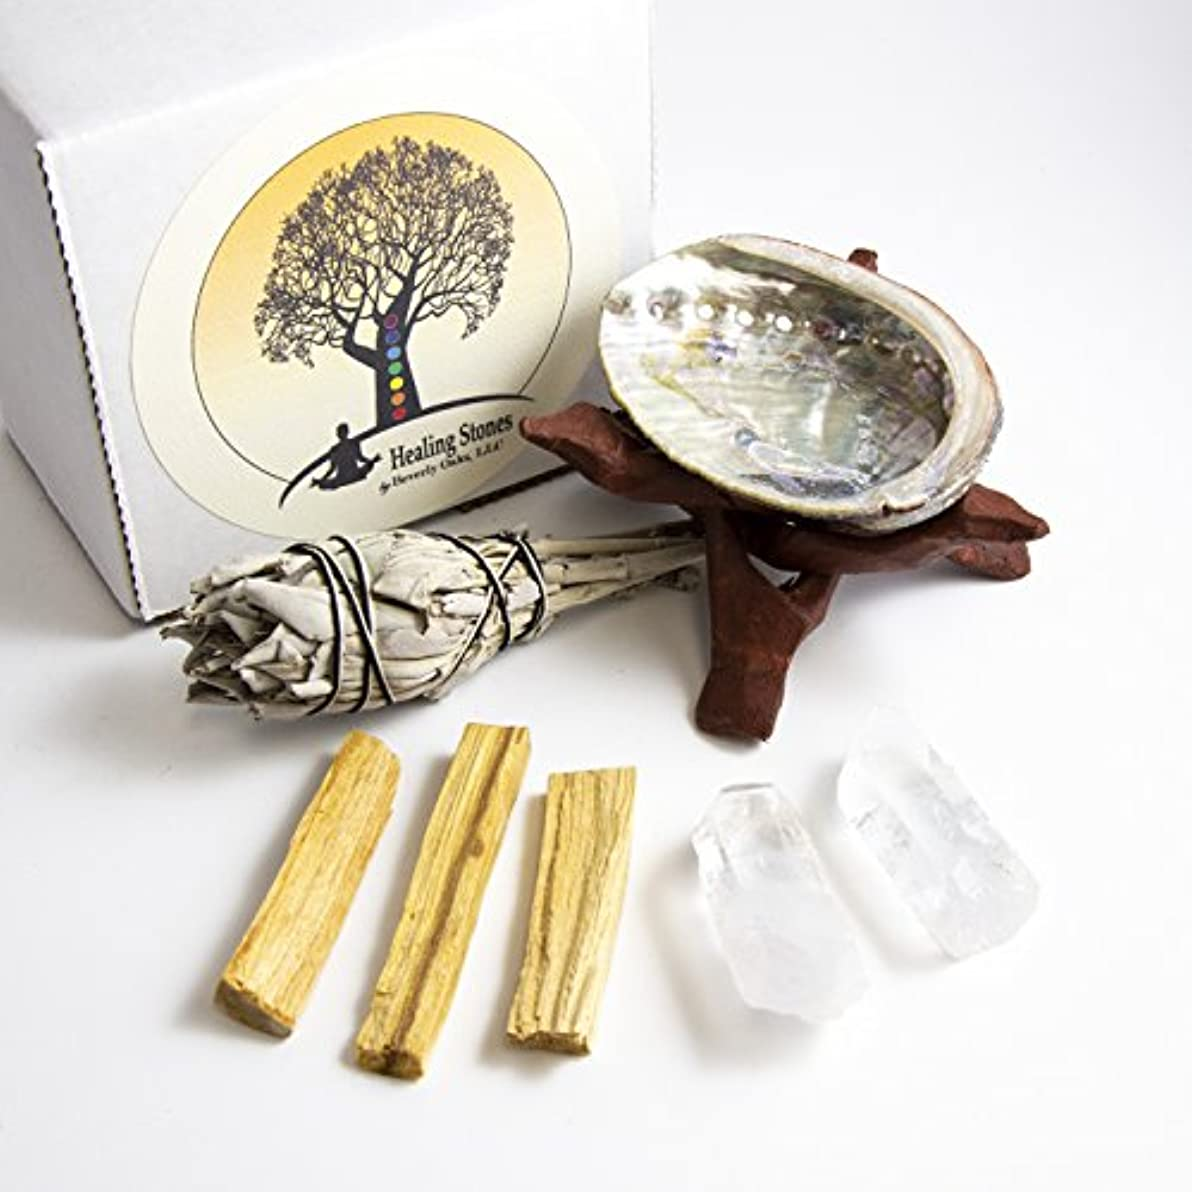 ベリー計画原子炉Beverly Oaks瞑想Ritualキット – 2 Clear Quartz Crystals , Palo Santoスティック、カリフォルニアホワイトセージスティック、アワビシェル、コブラスタンド – Healing...